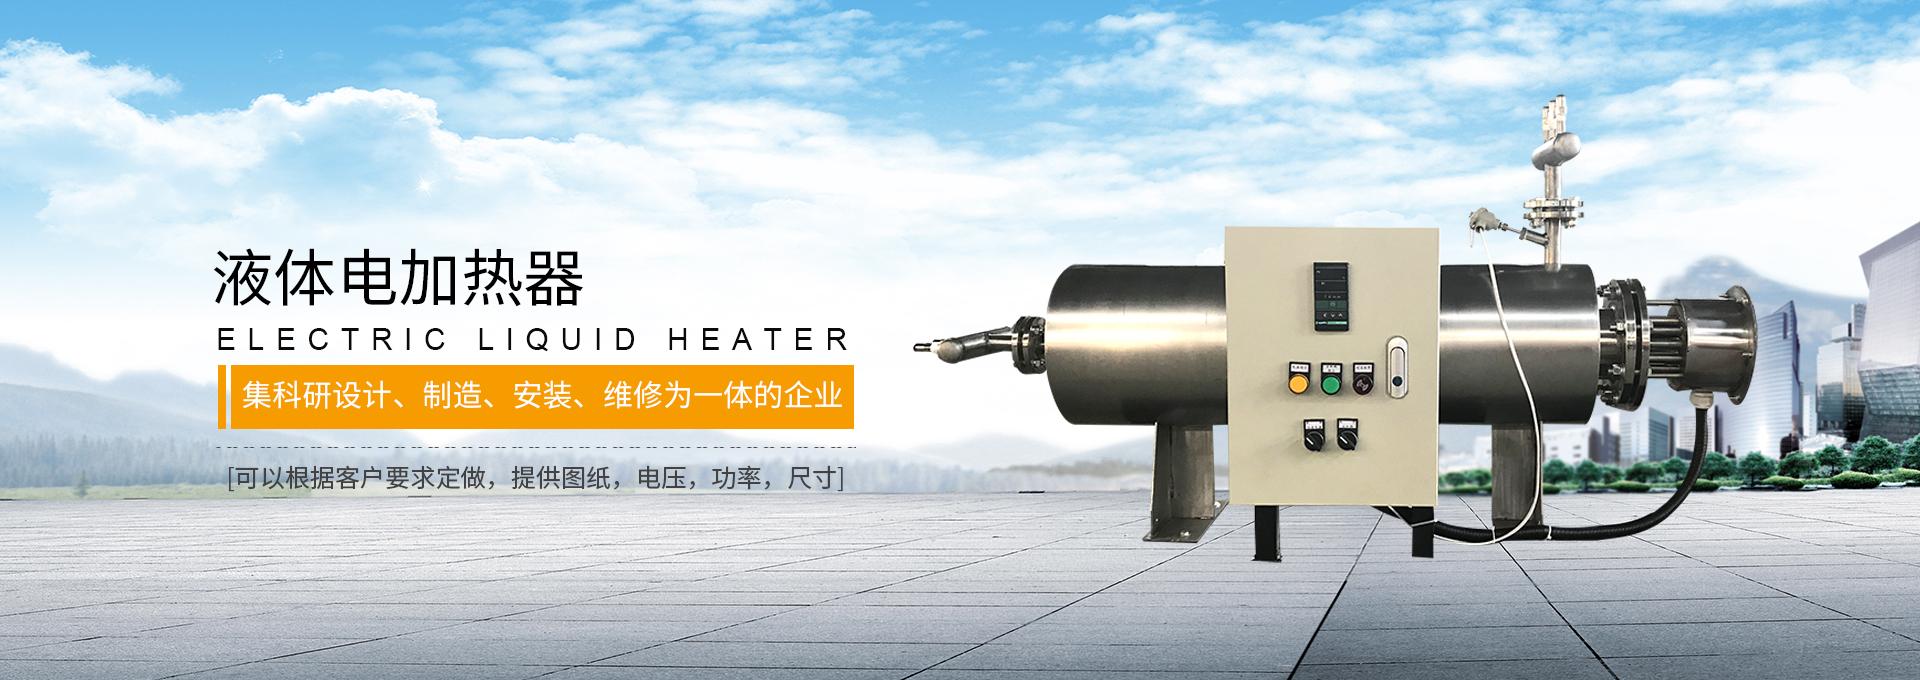 液体电加热器